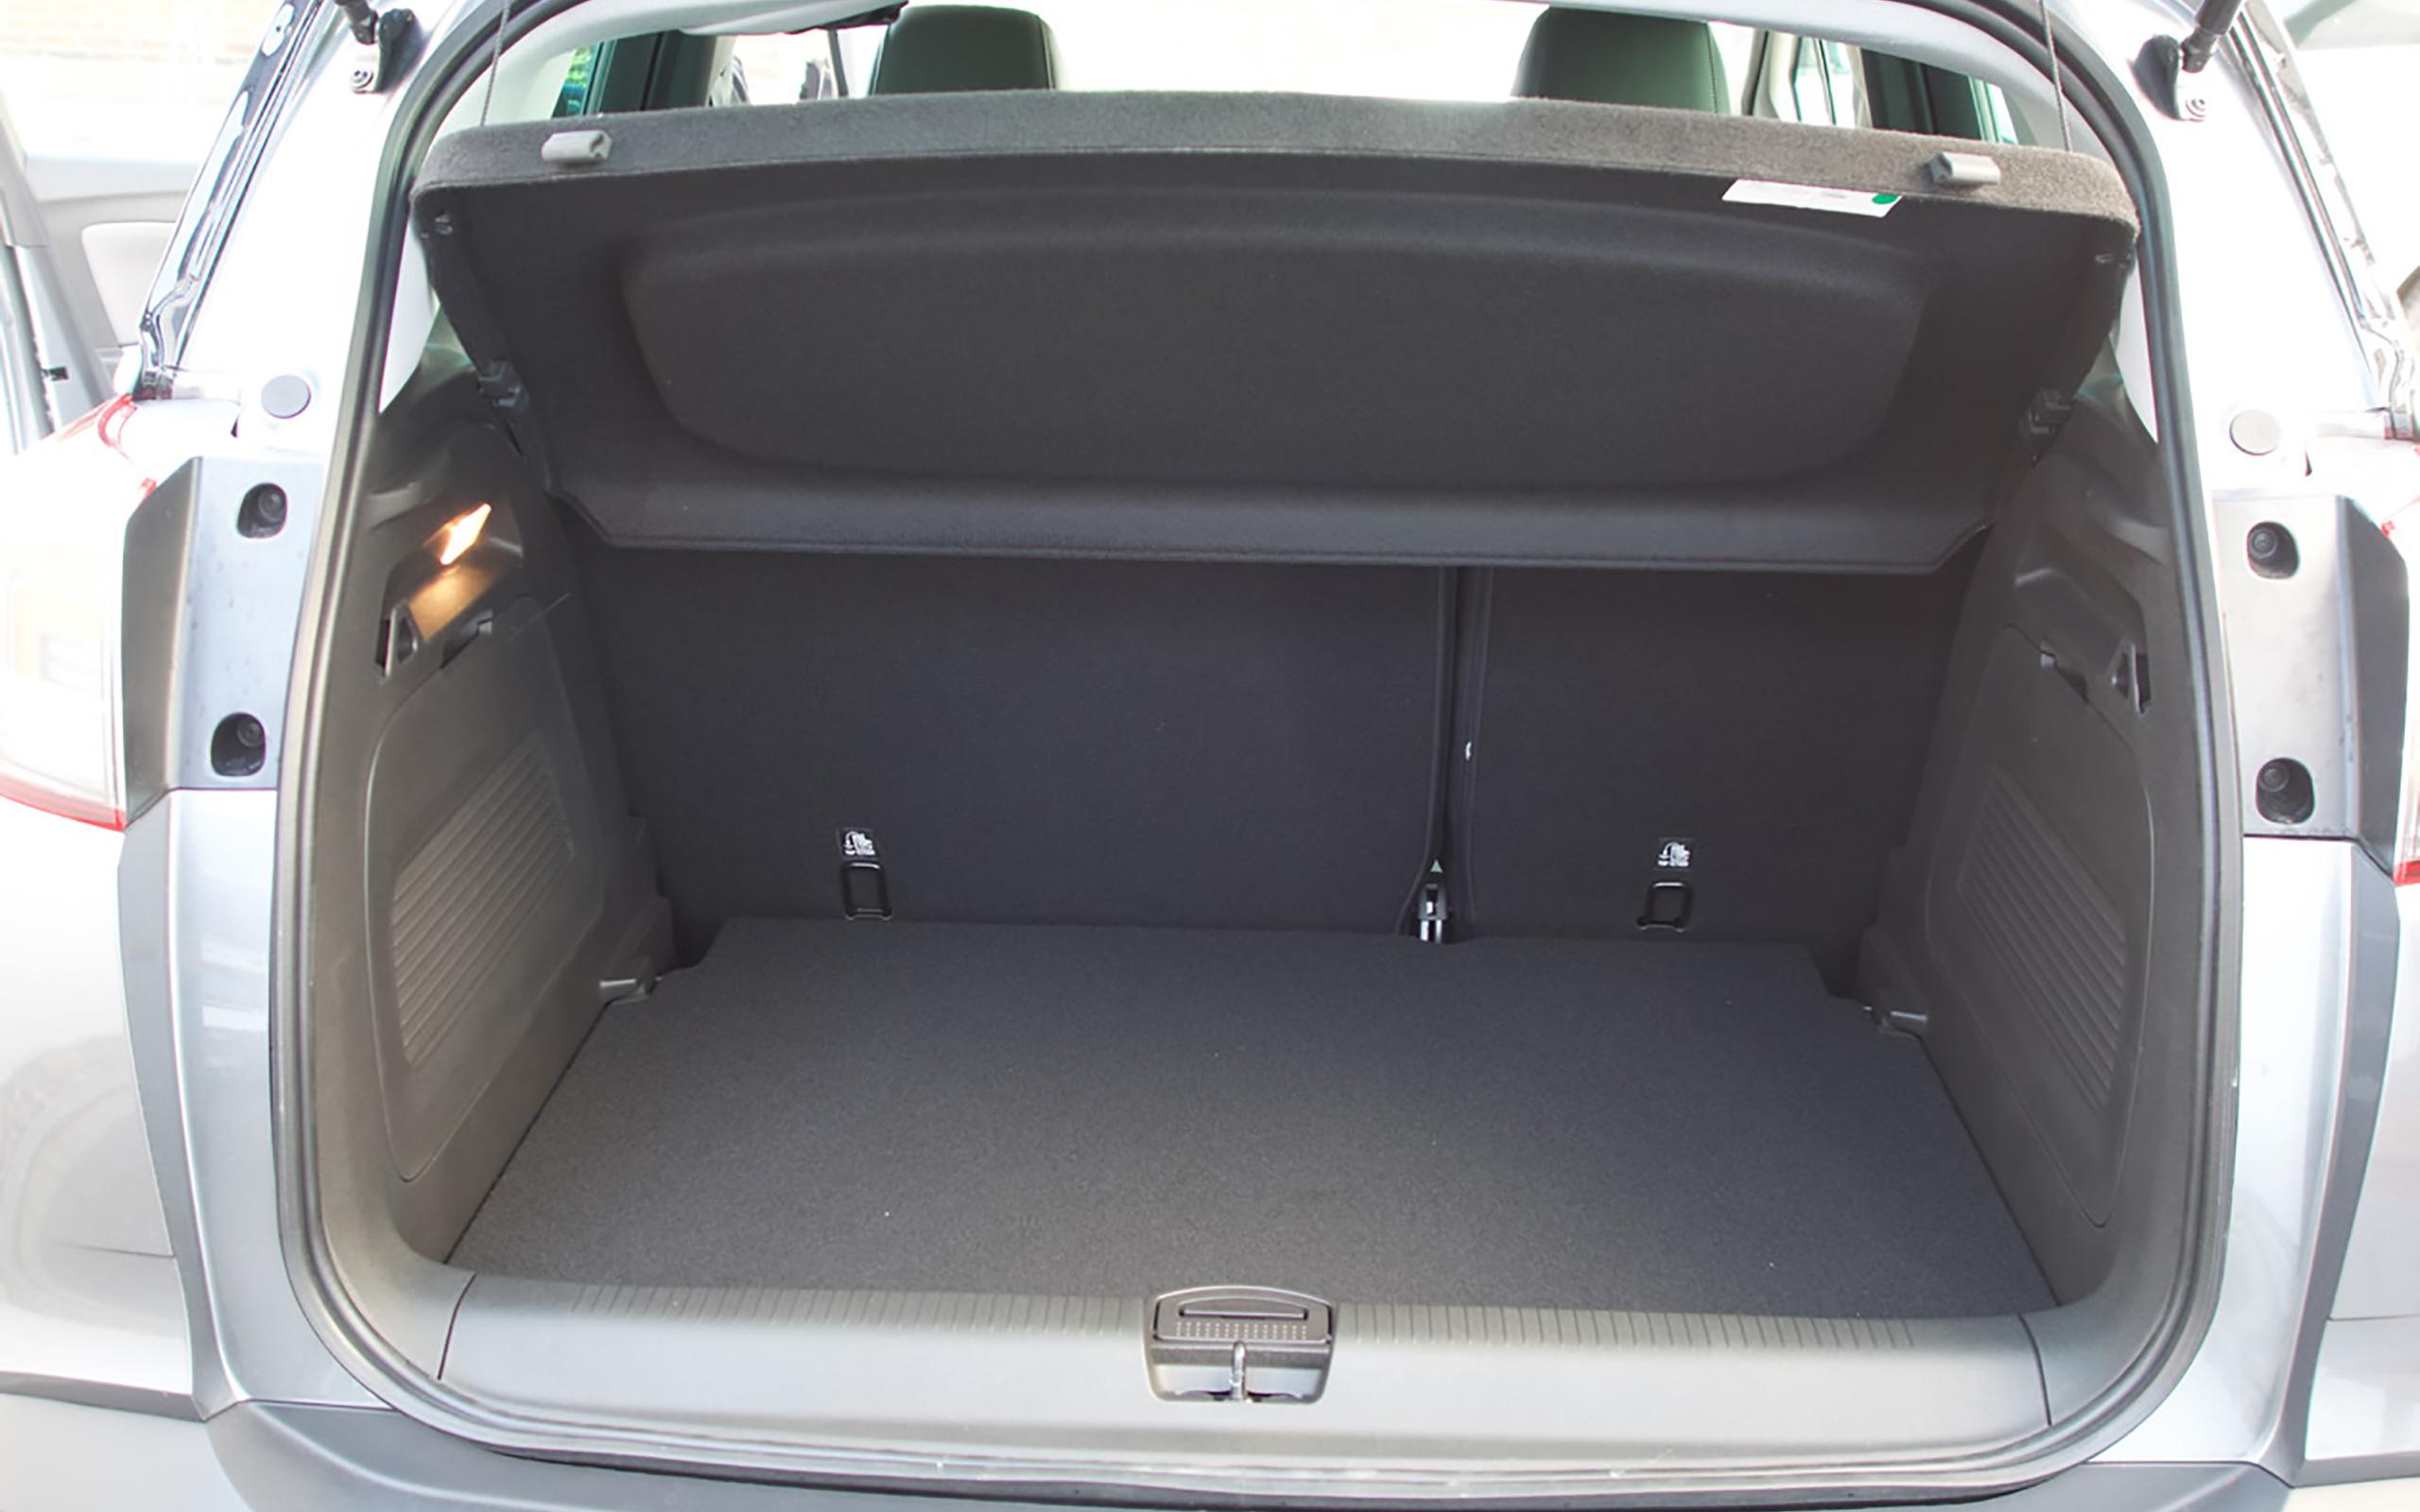 410 Liter Kofferraumvolumen, bei umgeklappter Rücksitzbank bis zu 1.255 Liter